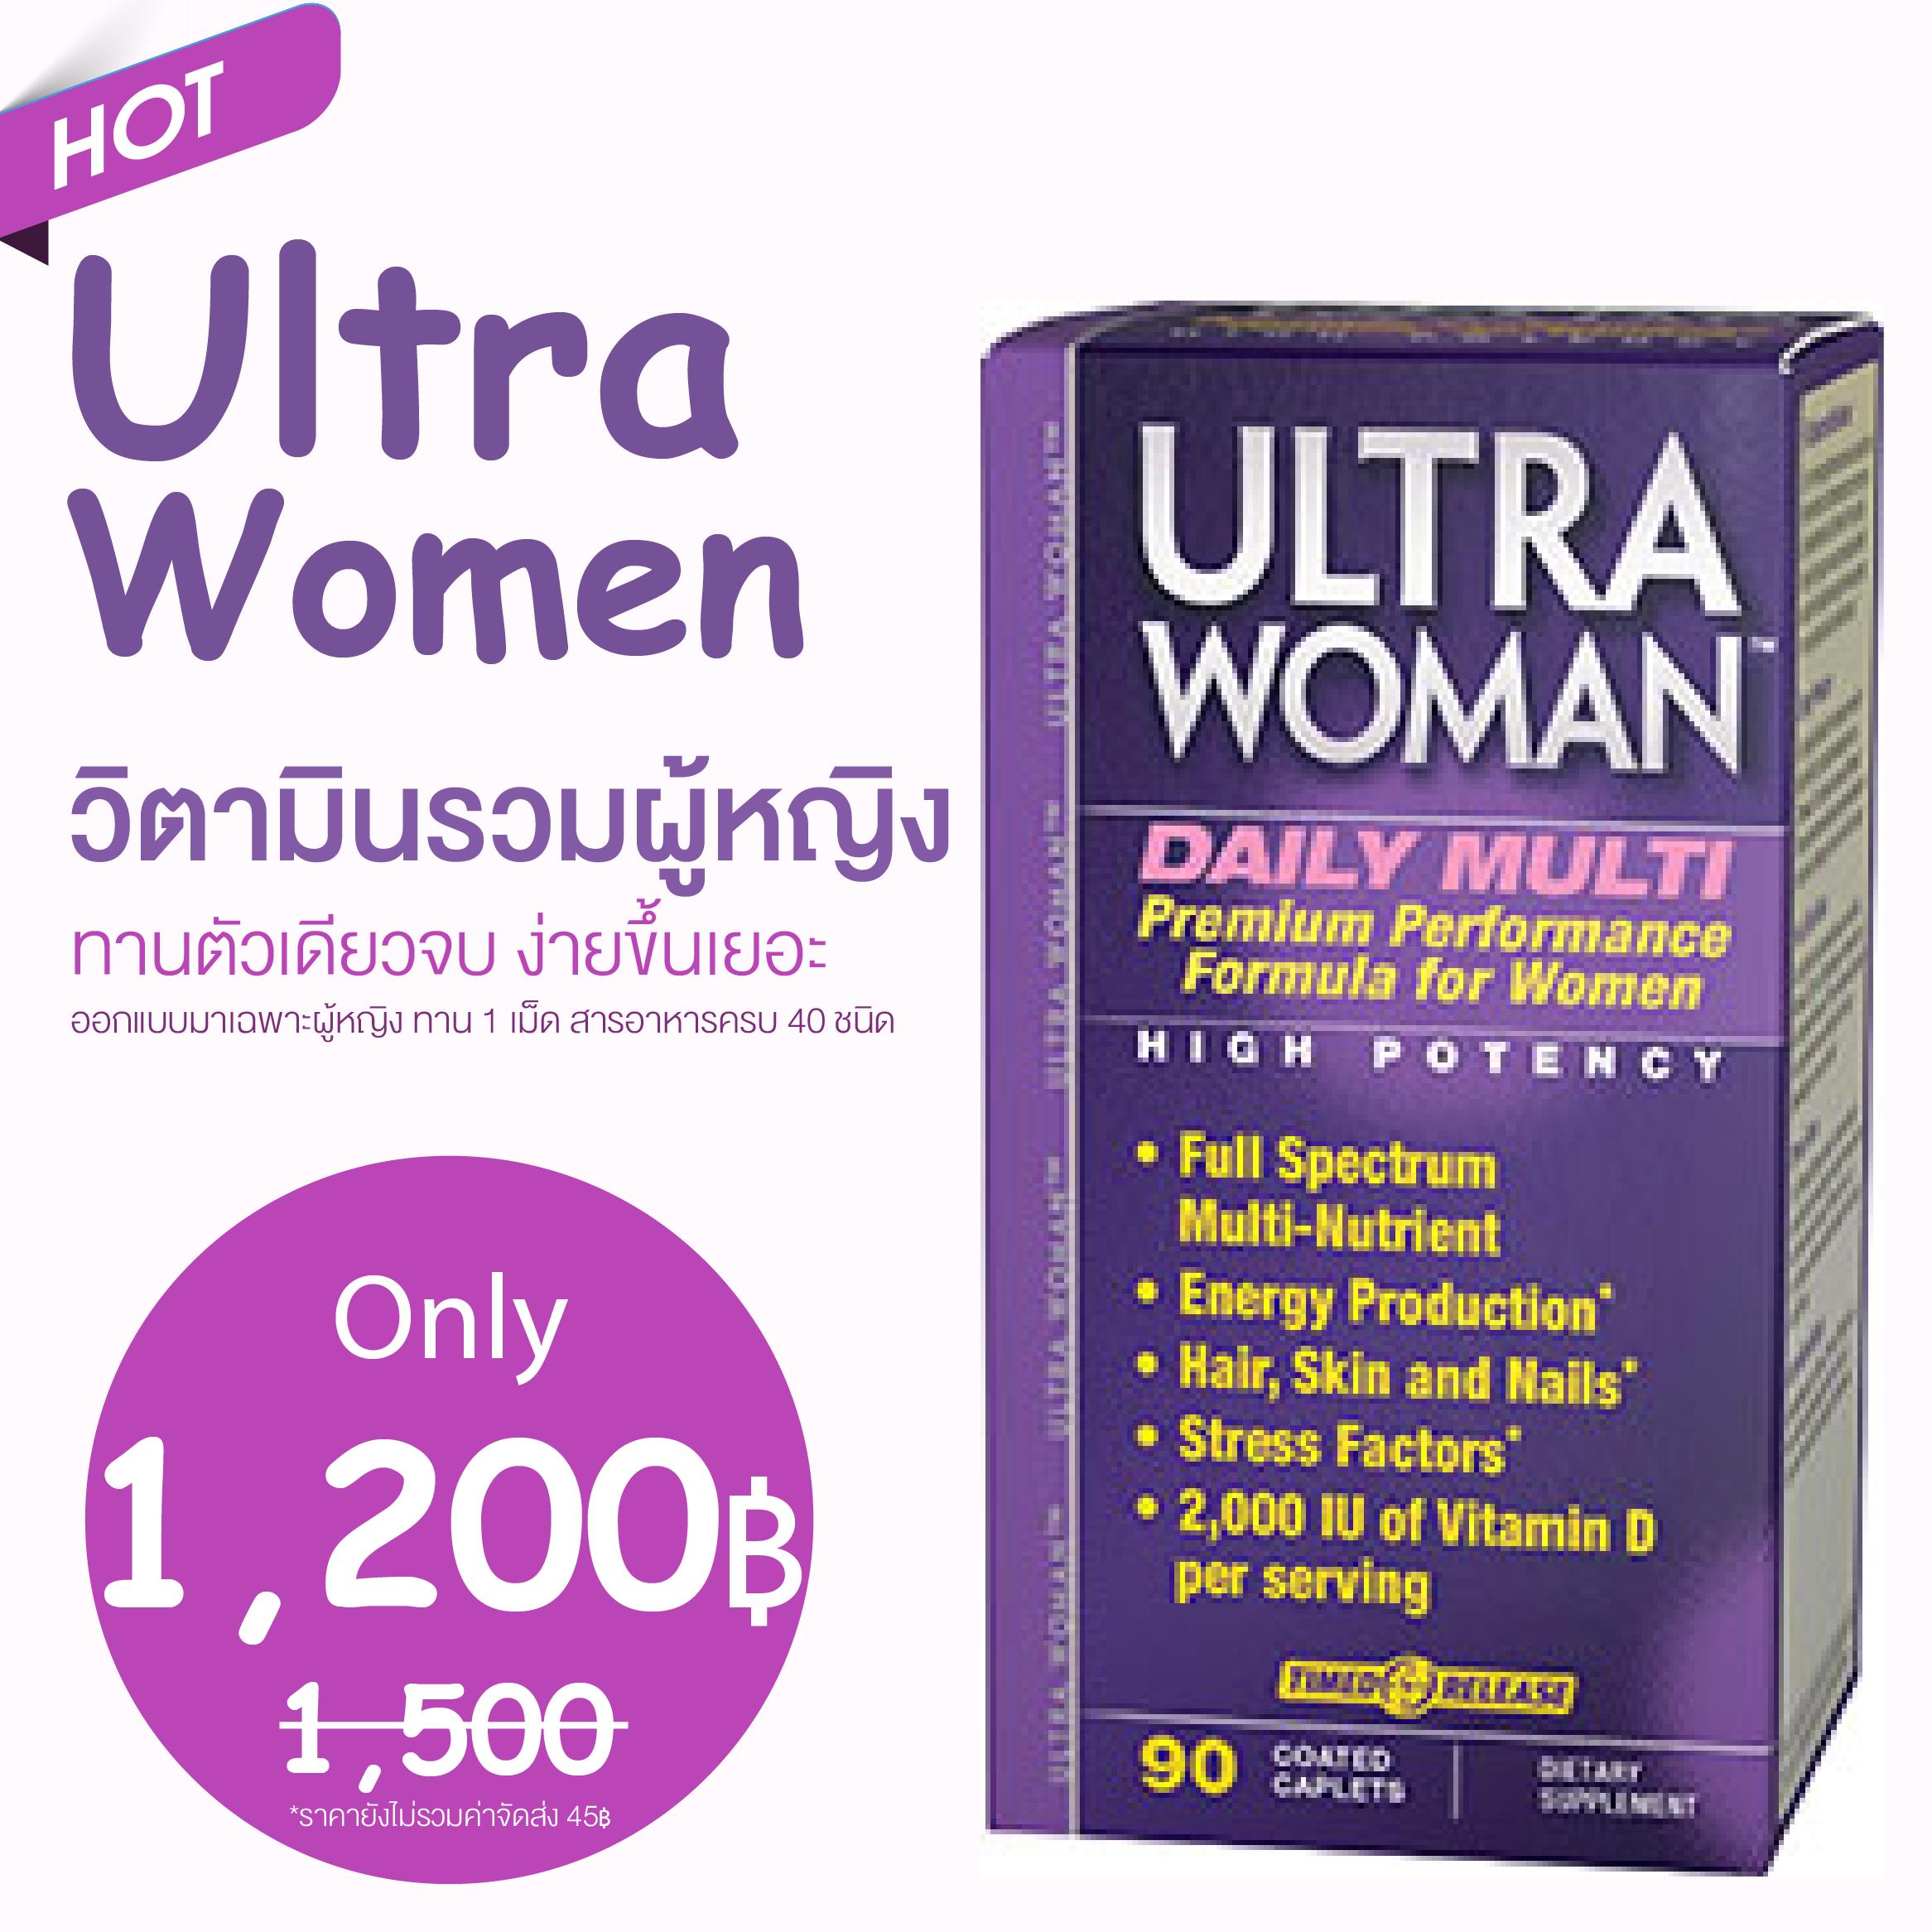 Vitamin World Ultra Woman™ Daily Multi วิตามินรวมสำหรับคุณผู้หญิงทุกท่าน ภายในเม็ดเดียวมีสารอาหารกว่า 40 ชนิด 1 ขวดมี 90 เม็ด กินง่าย ได้สารอาหารครบในเม็ดเดียวจ้า